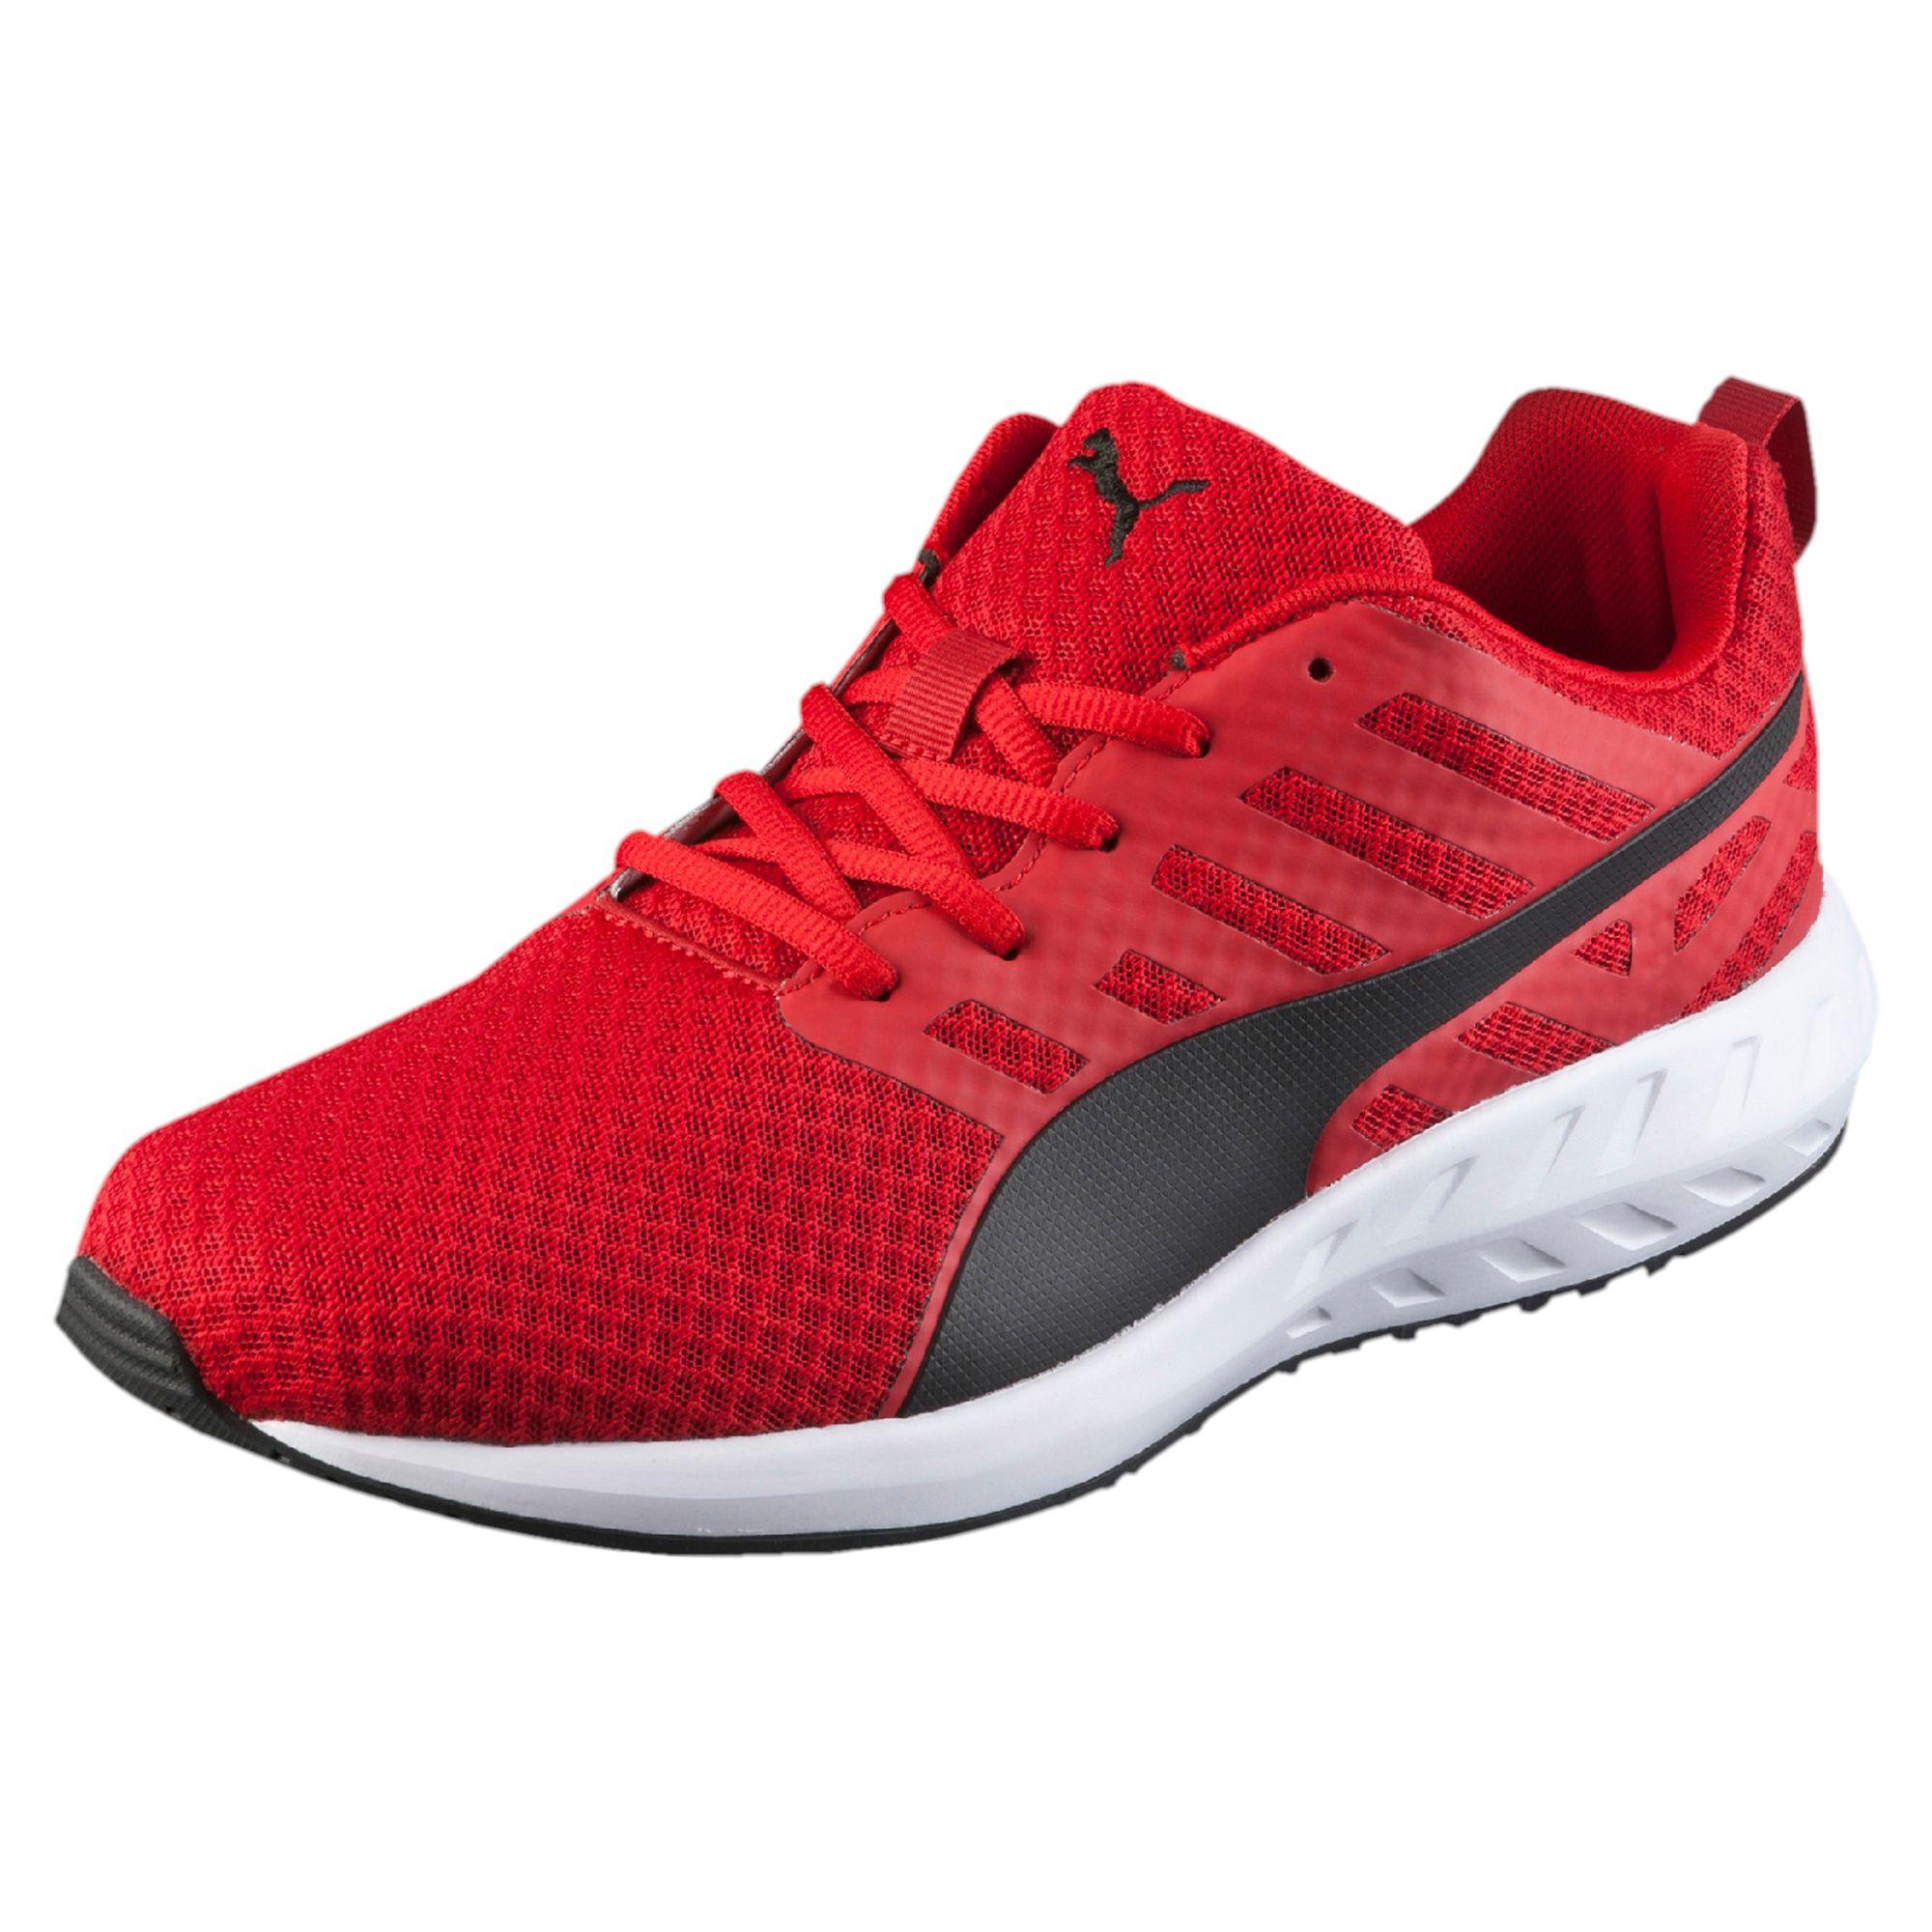 2b17debb64e6cd Lyst - PUMA Flare Mesh Men s Running Shoes in Black for Men